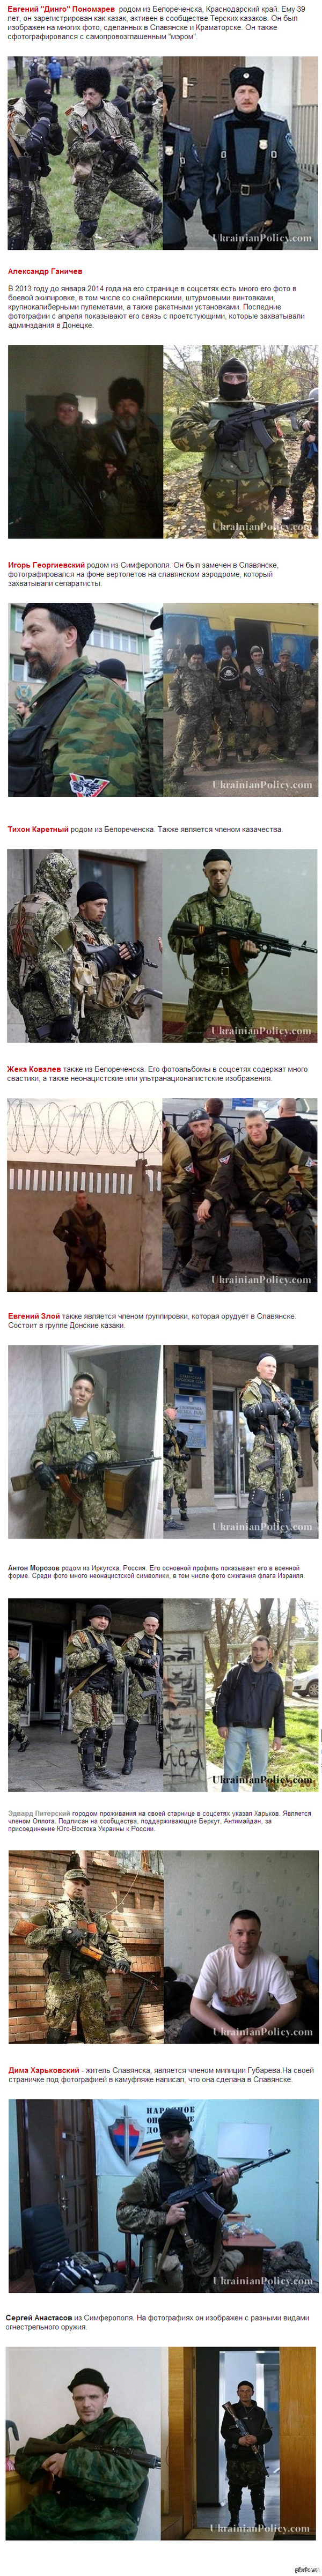 Установлены личности активистов с Востока Украины Это весит на основных новостных сайтах, поэтому сохранять конфидециальность смысла уже нет. Респект отважным русским ребятам.